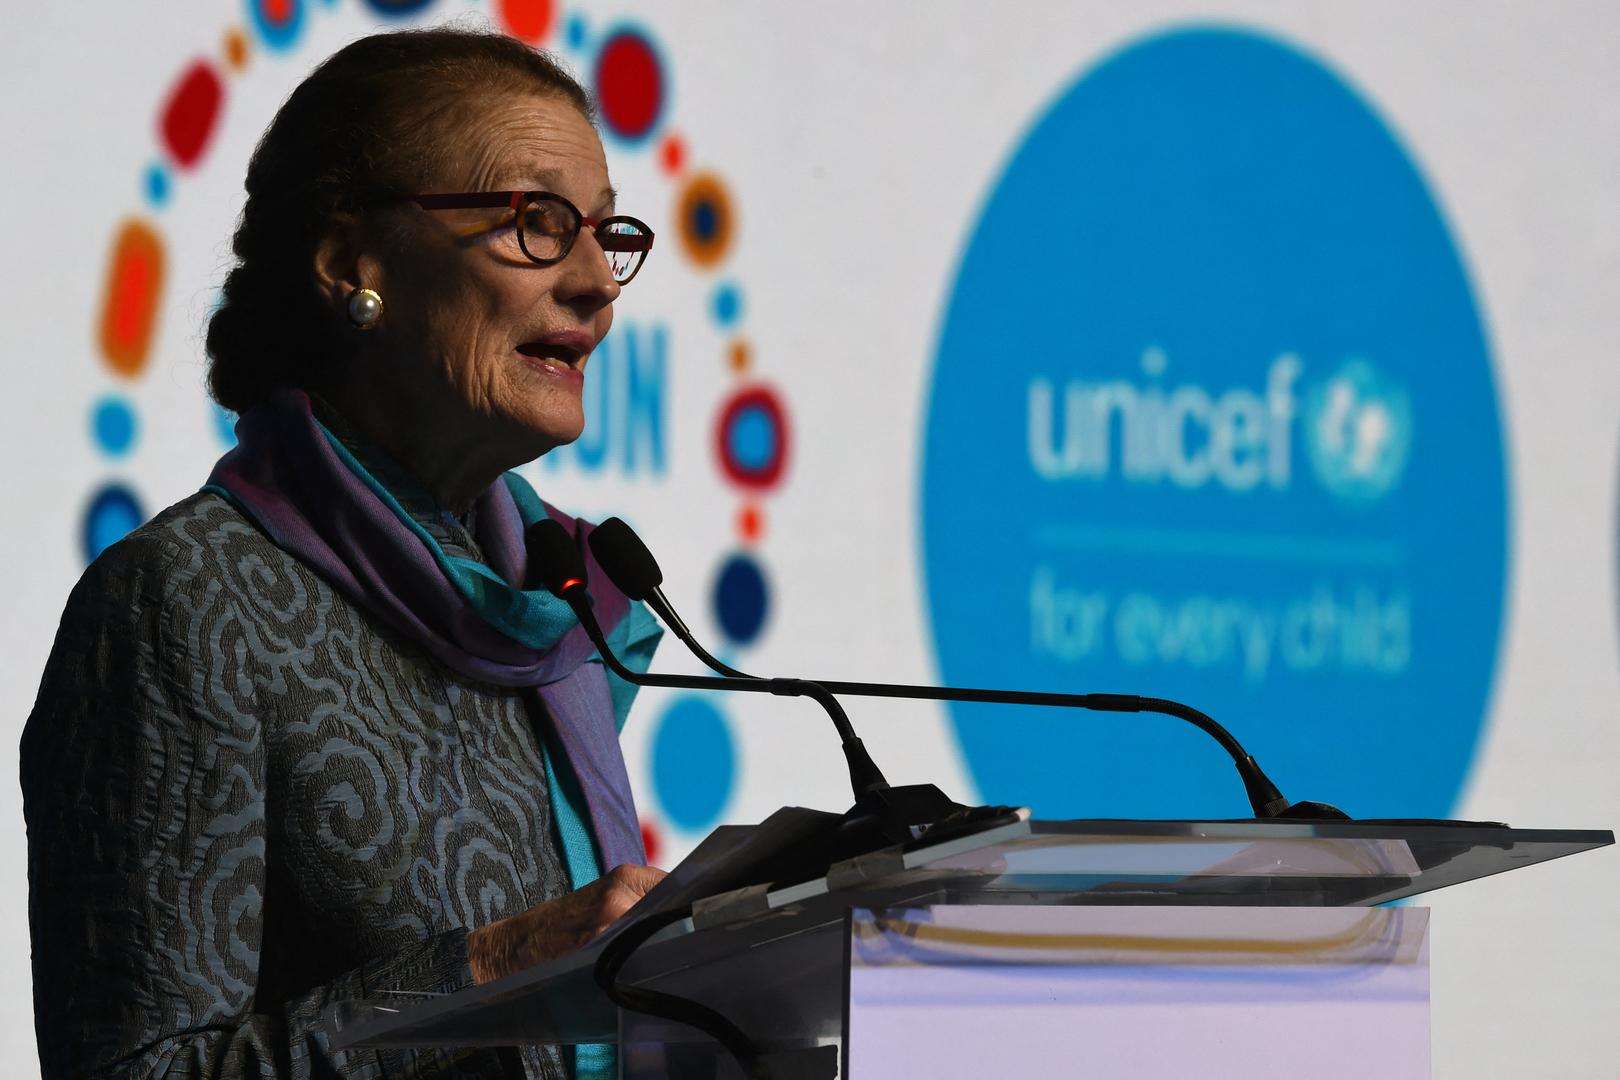 المديرة التنفيذية لمنظمة الأمم المتحدة للطفولة (اليونيسف) هنرييتا فور